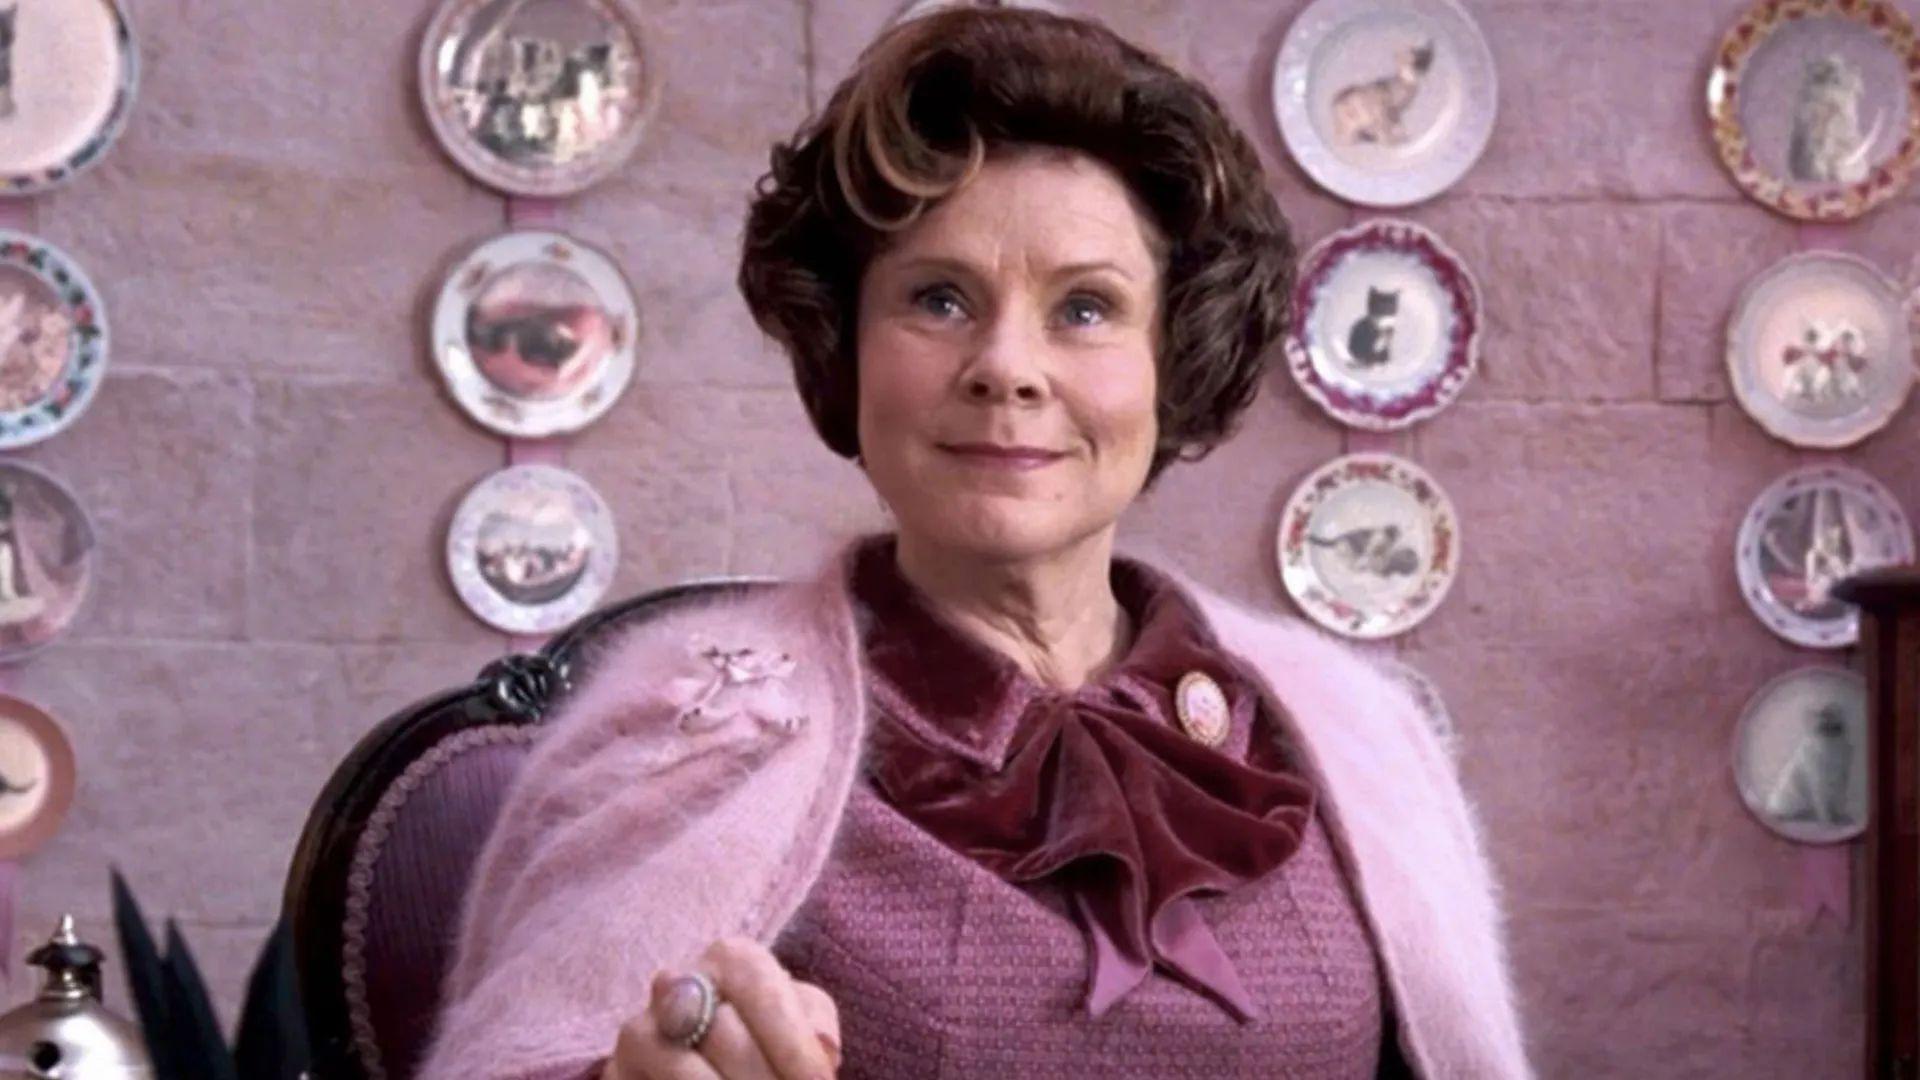 První fotka: Královna Alžběta má v 5. sérii Koruny tvář Umbridgeové z Harryho Pottera